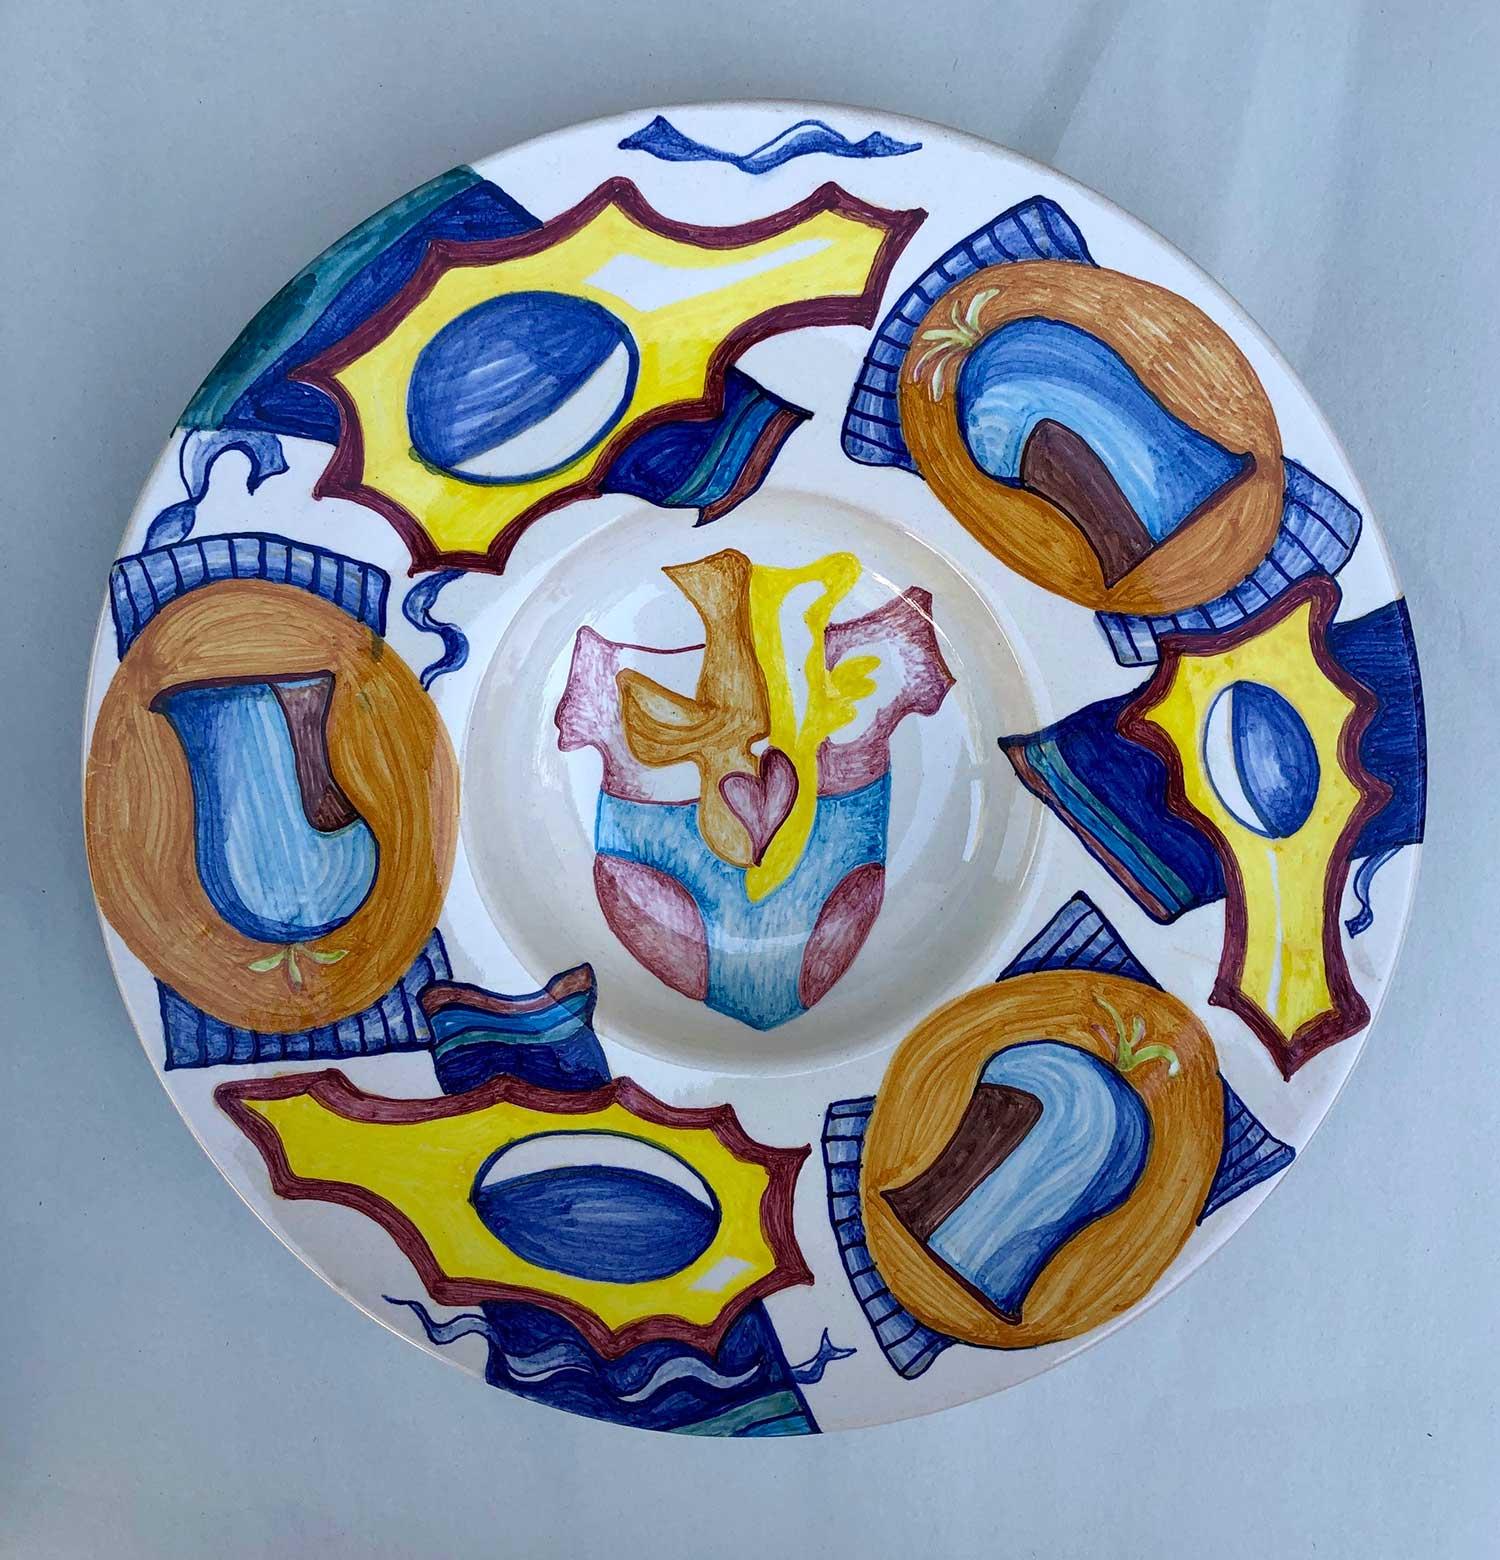 painted_ceramics_1_site.jpg